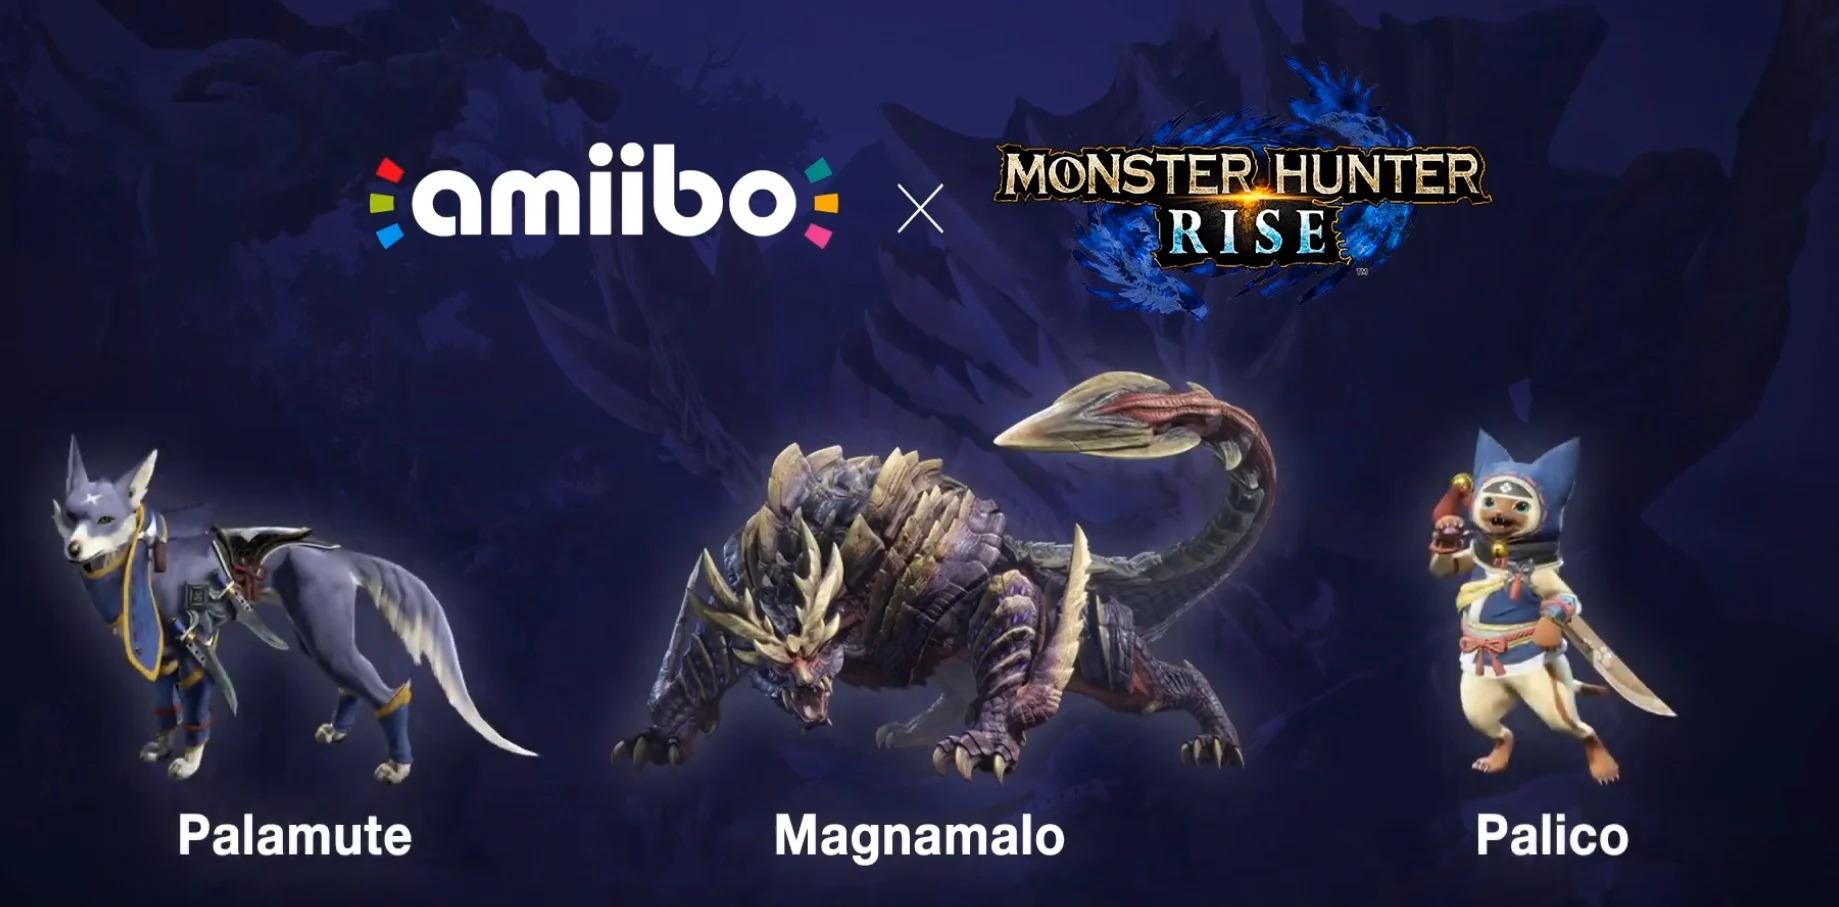 Těšit se můžeme na dva nové Monster Hunter tituly ezgif.com webp to jpg